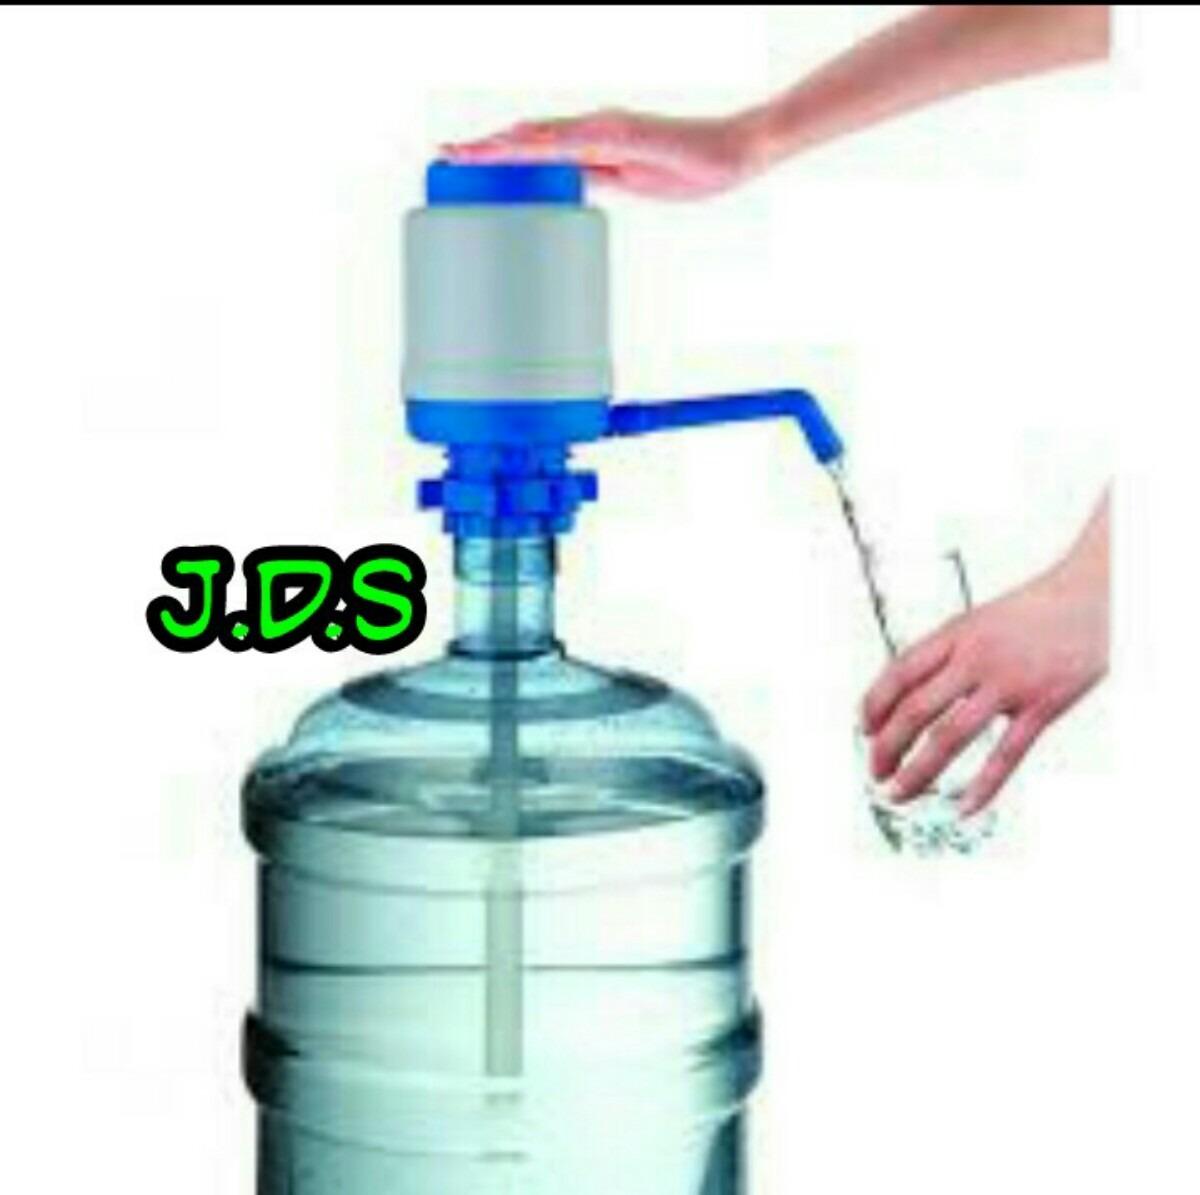 Bomba para botellon de agua mineral manual bs - Bomba manual de agua ...